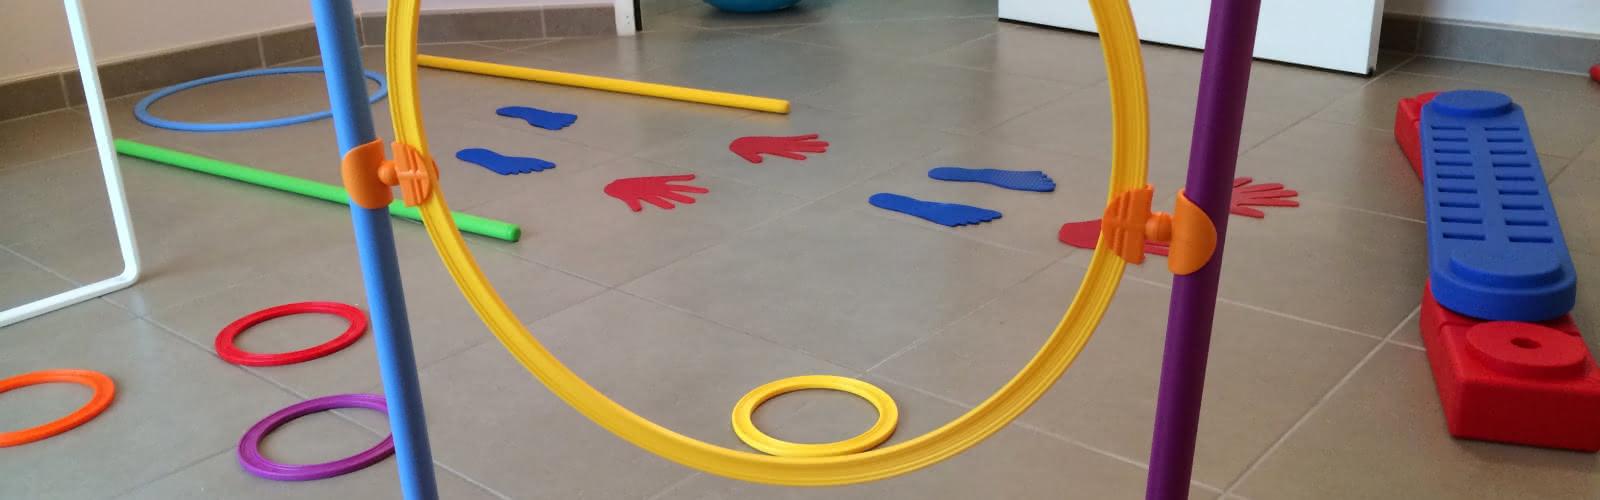 Plusieurs cercles, pieds et mains en plastique de différentes couleurs sur le sol